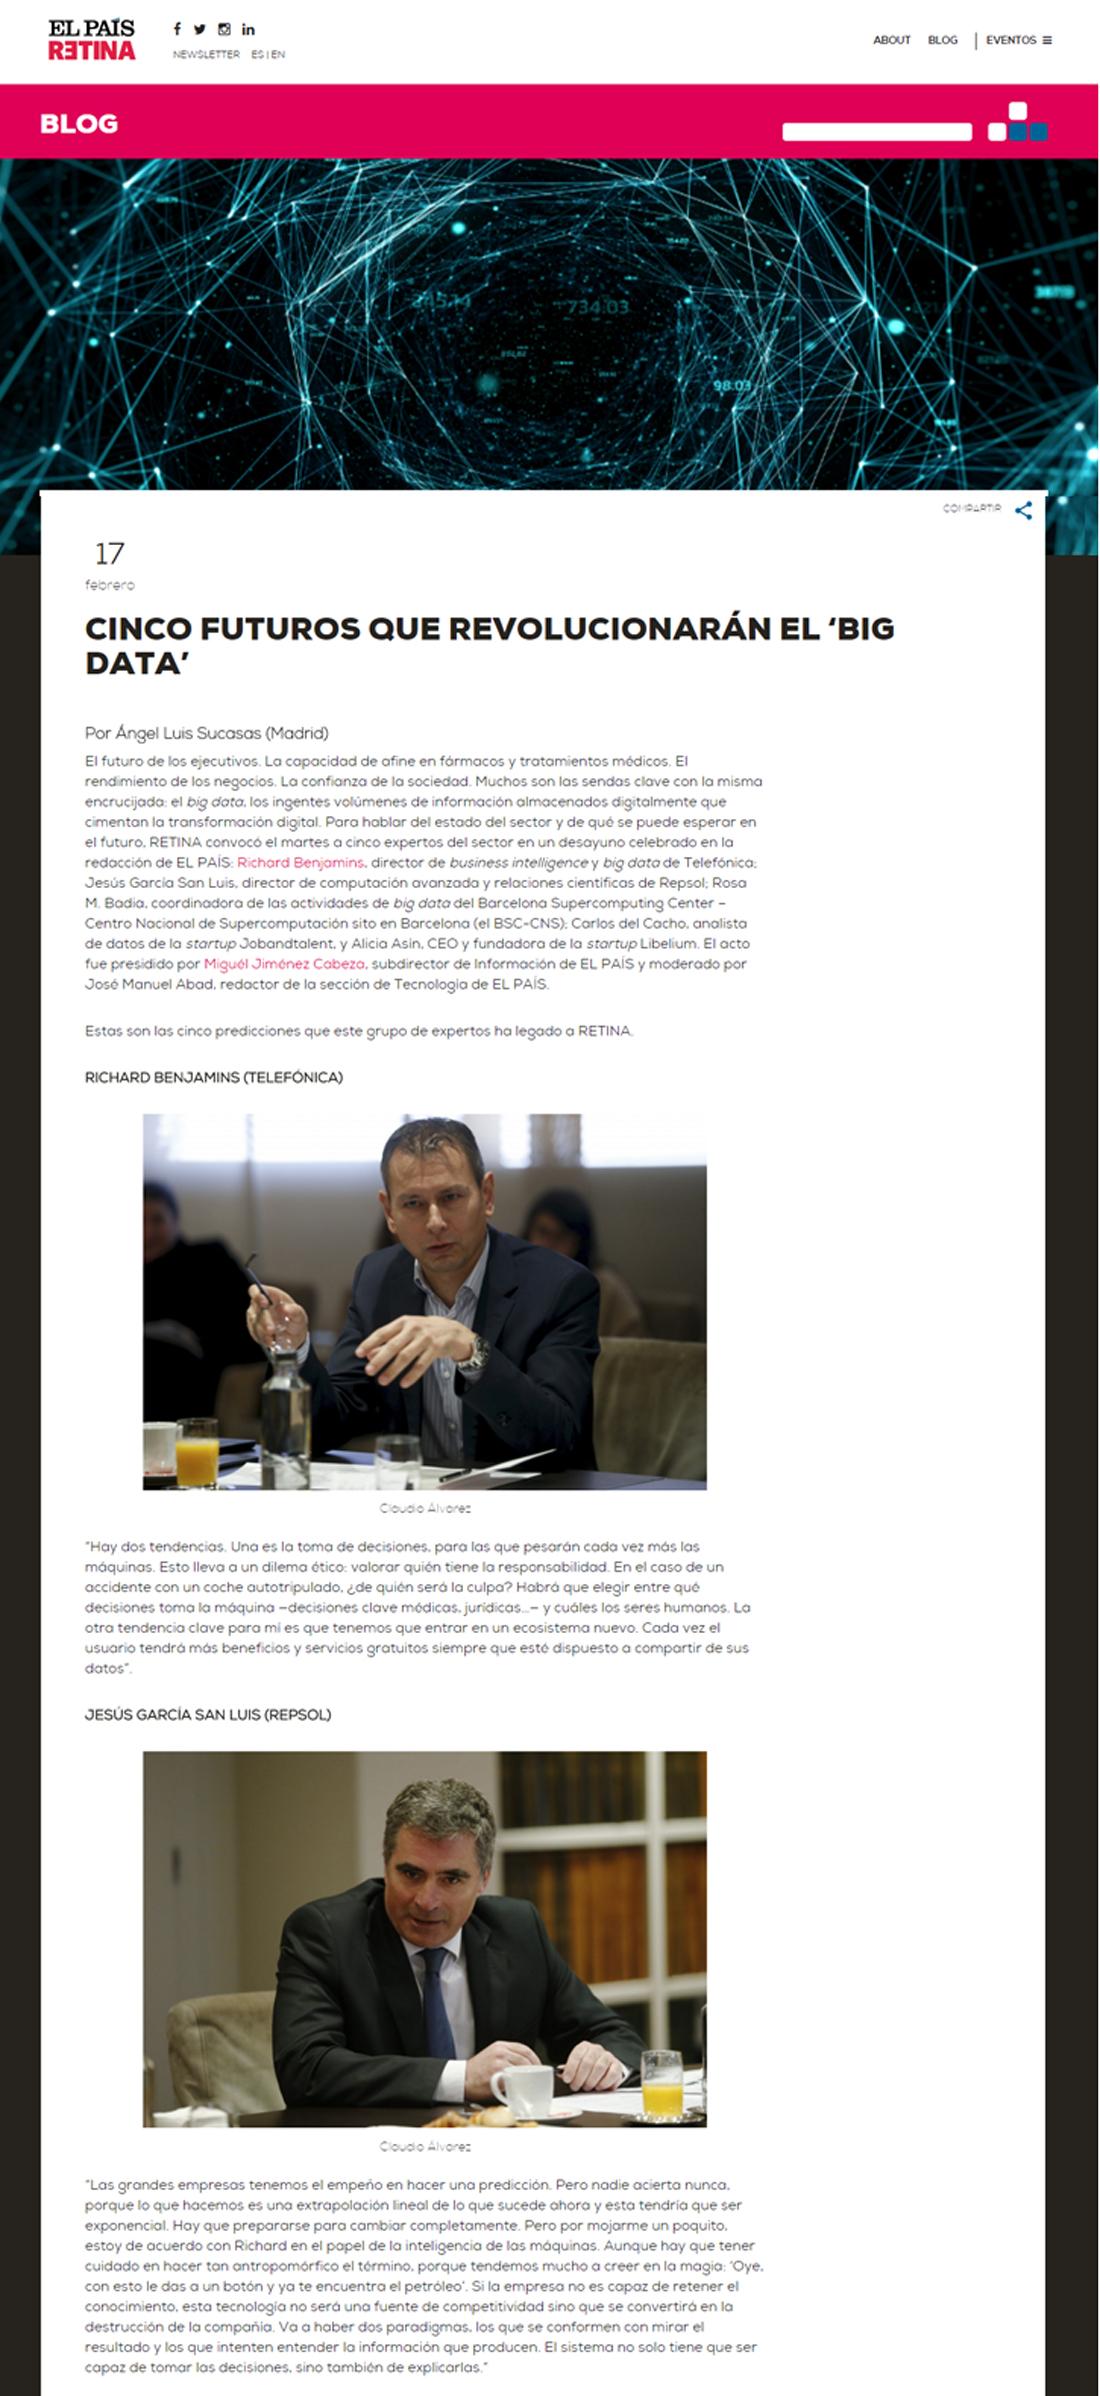 Elpaisretina.com - Cinco Futuros Que Revolucionarán el 'Big Data'